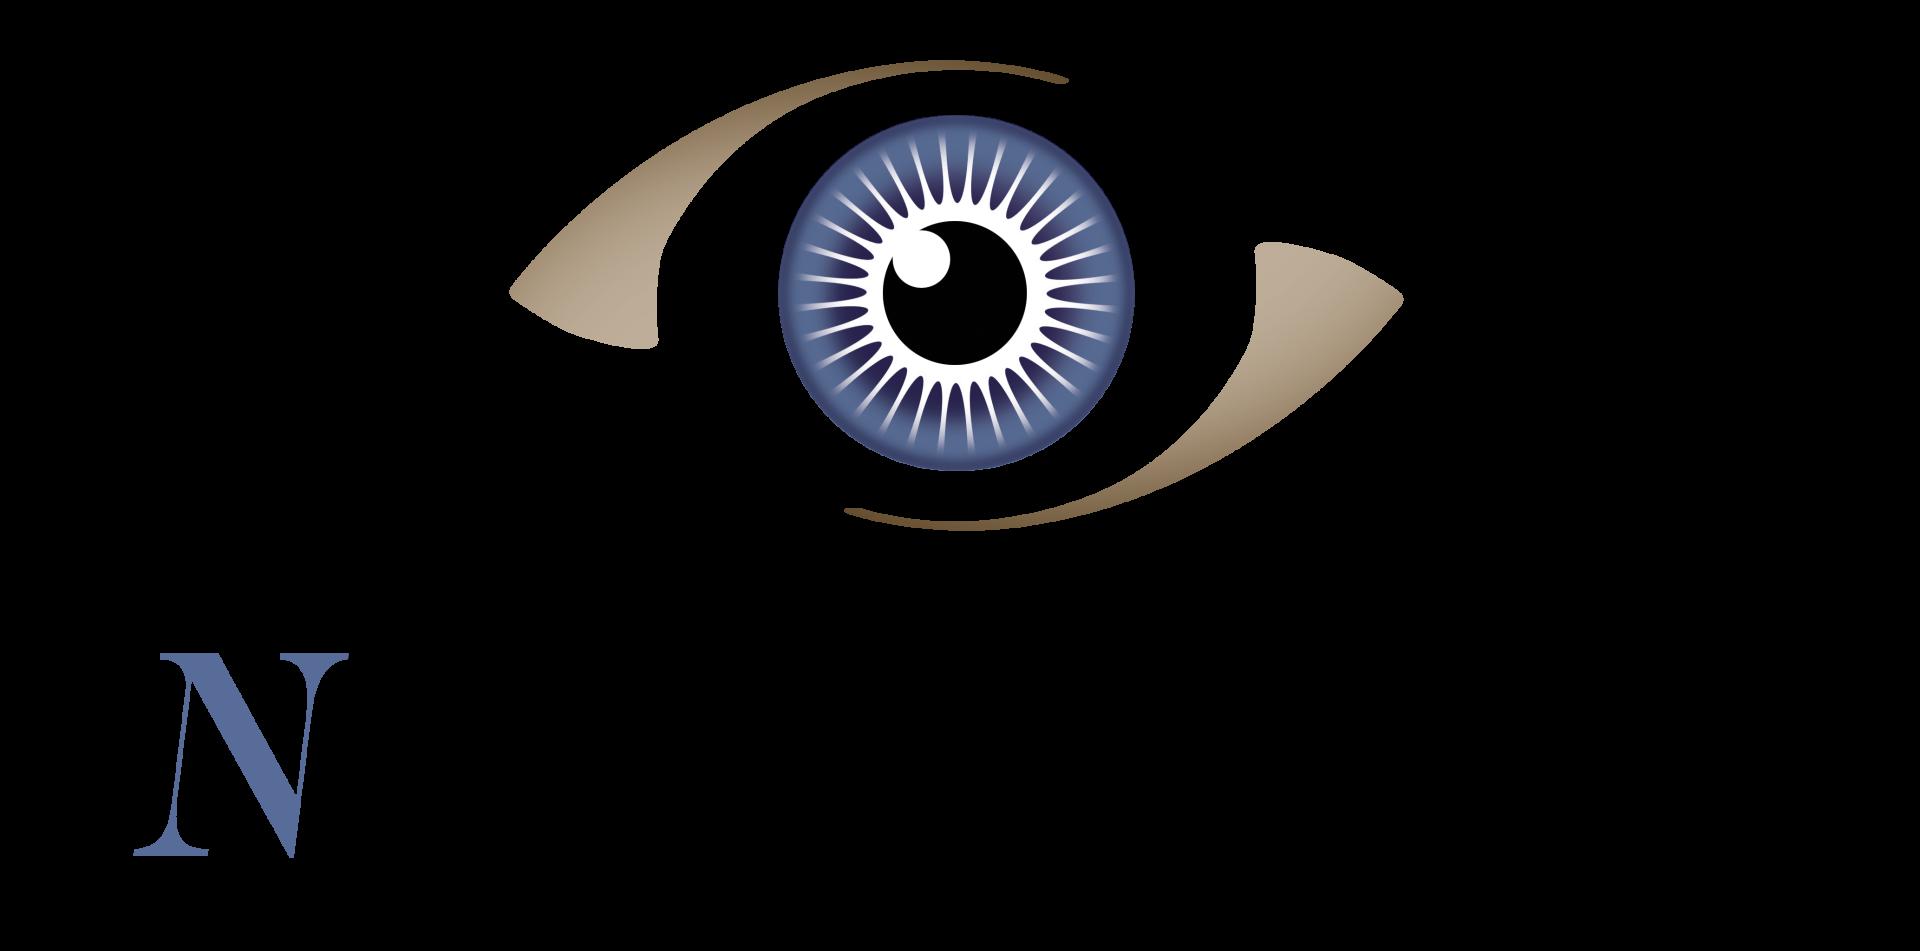 NTU-Medias-20152 NTU Médias - agence de communication audiovisuelle et digitale à Cholet, Angers, Nantes, La Roche-sur-yon  agence communication audiovisuel cholet nantes angers vendée les herbiers la roche sur yon niort